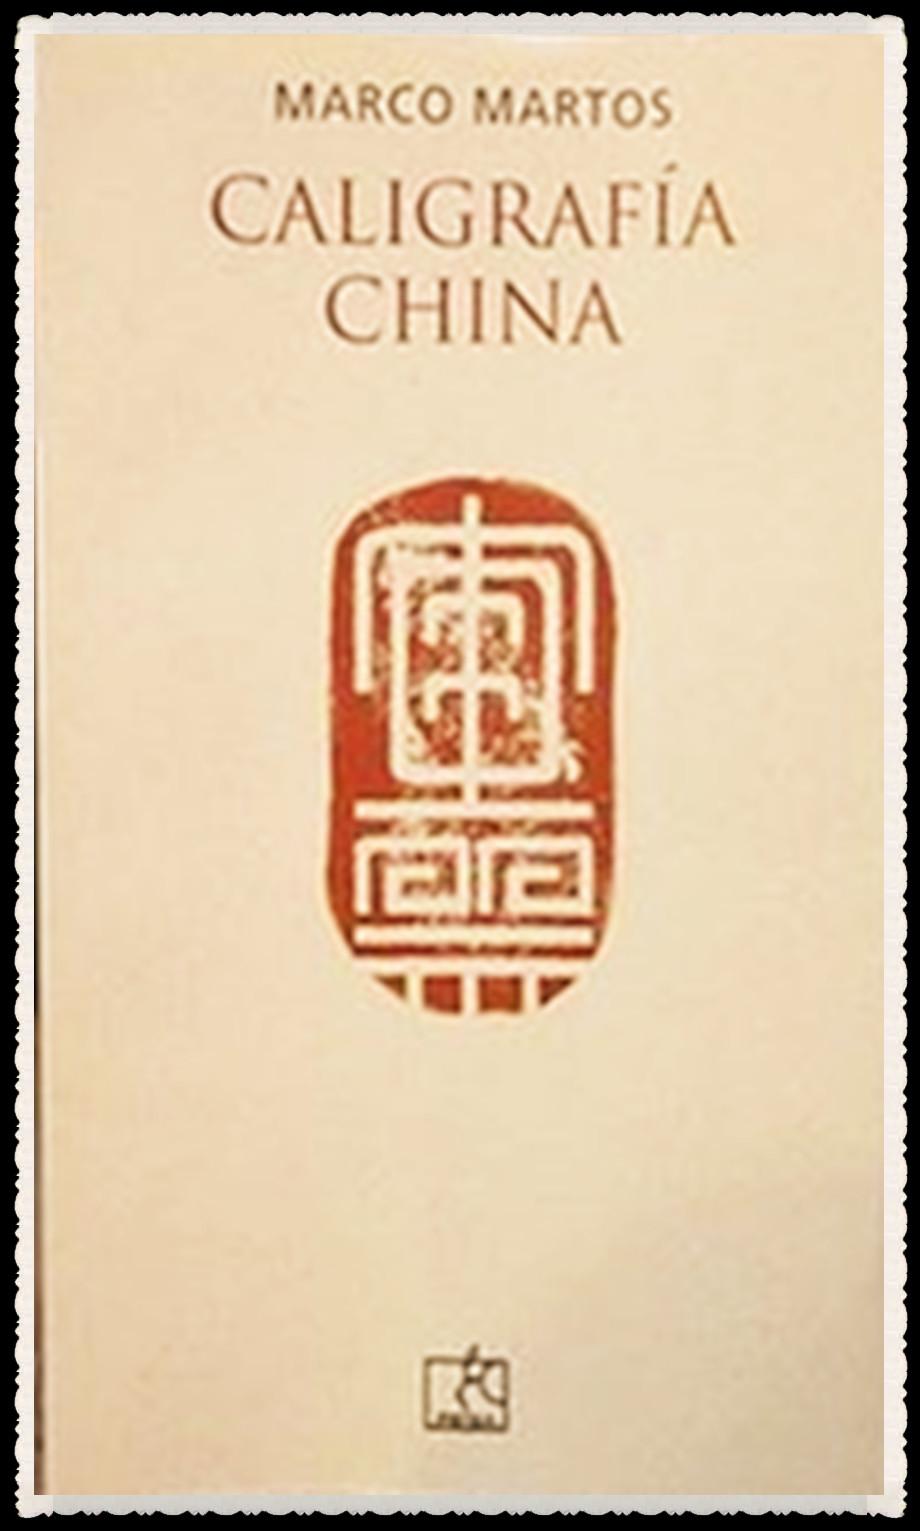 CALIGRAFÍ CHINA : MARCO MARTOS